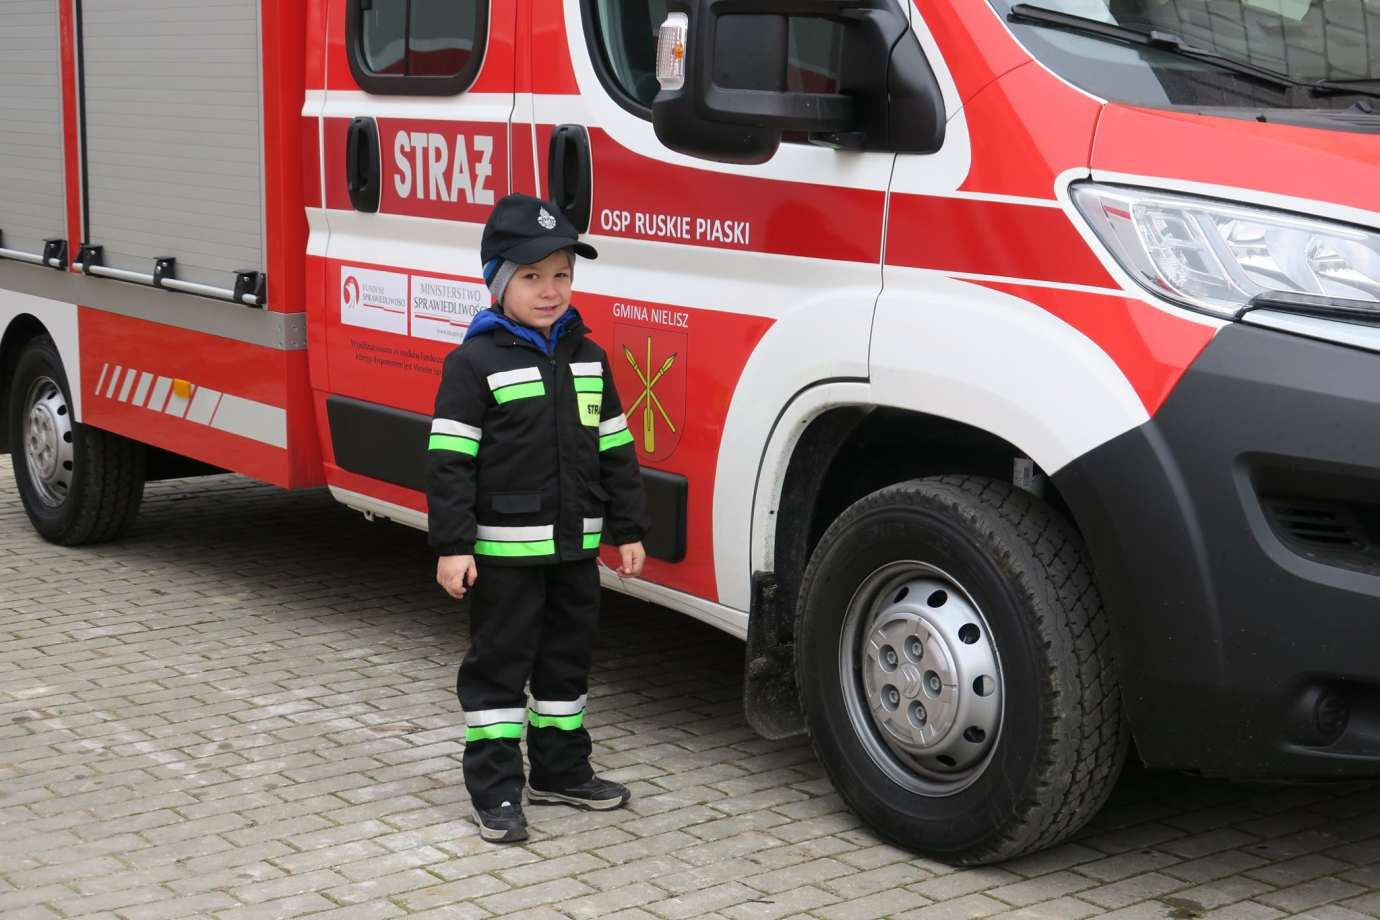 83167375 1470831609751376 1339661799259111424 o Nowy sprzęt dla strażaków z Gminy Nielisz